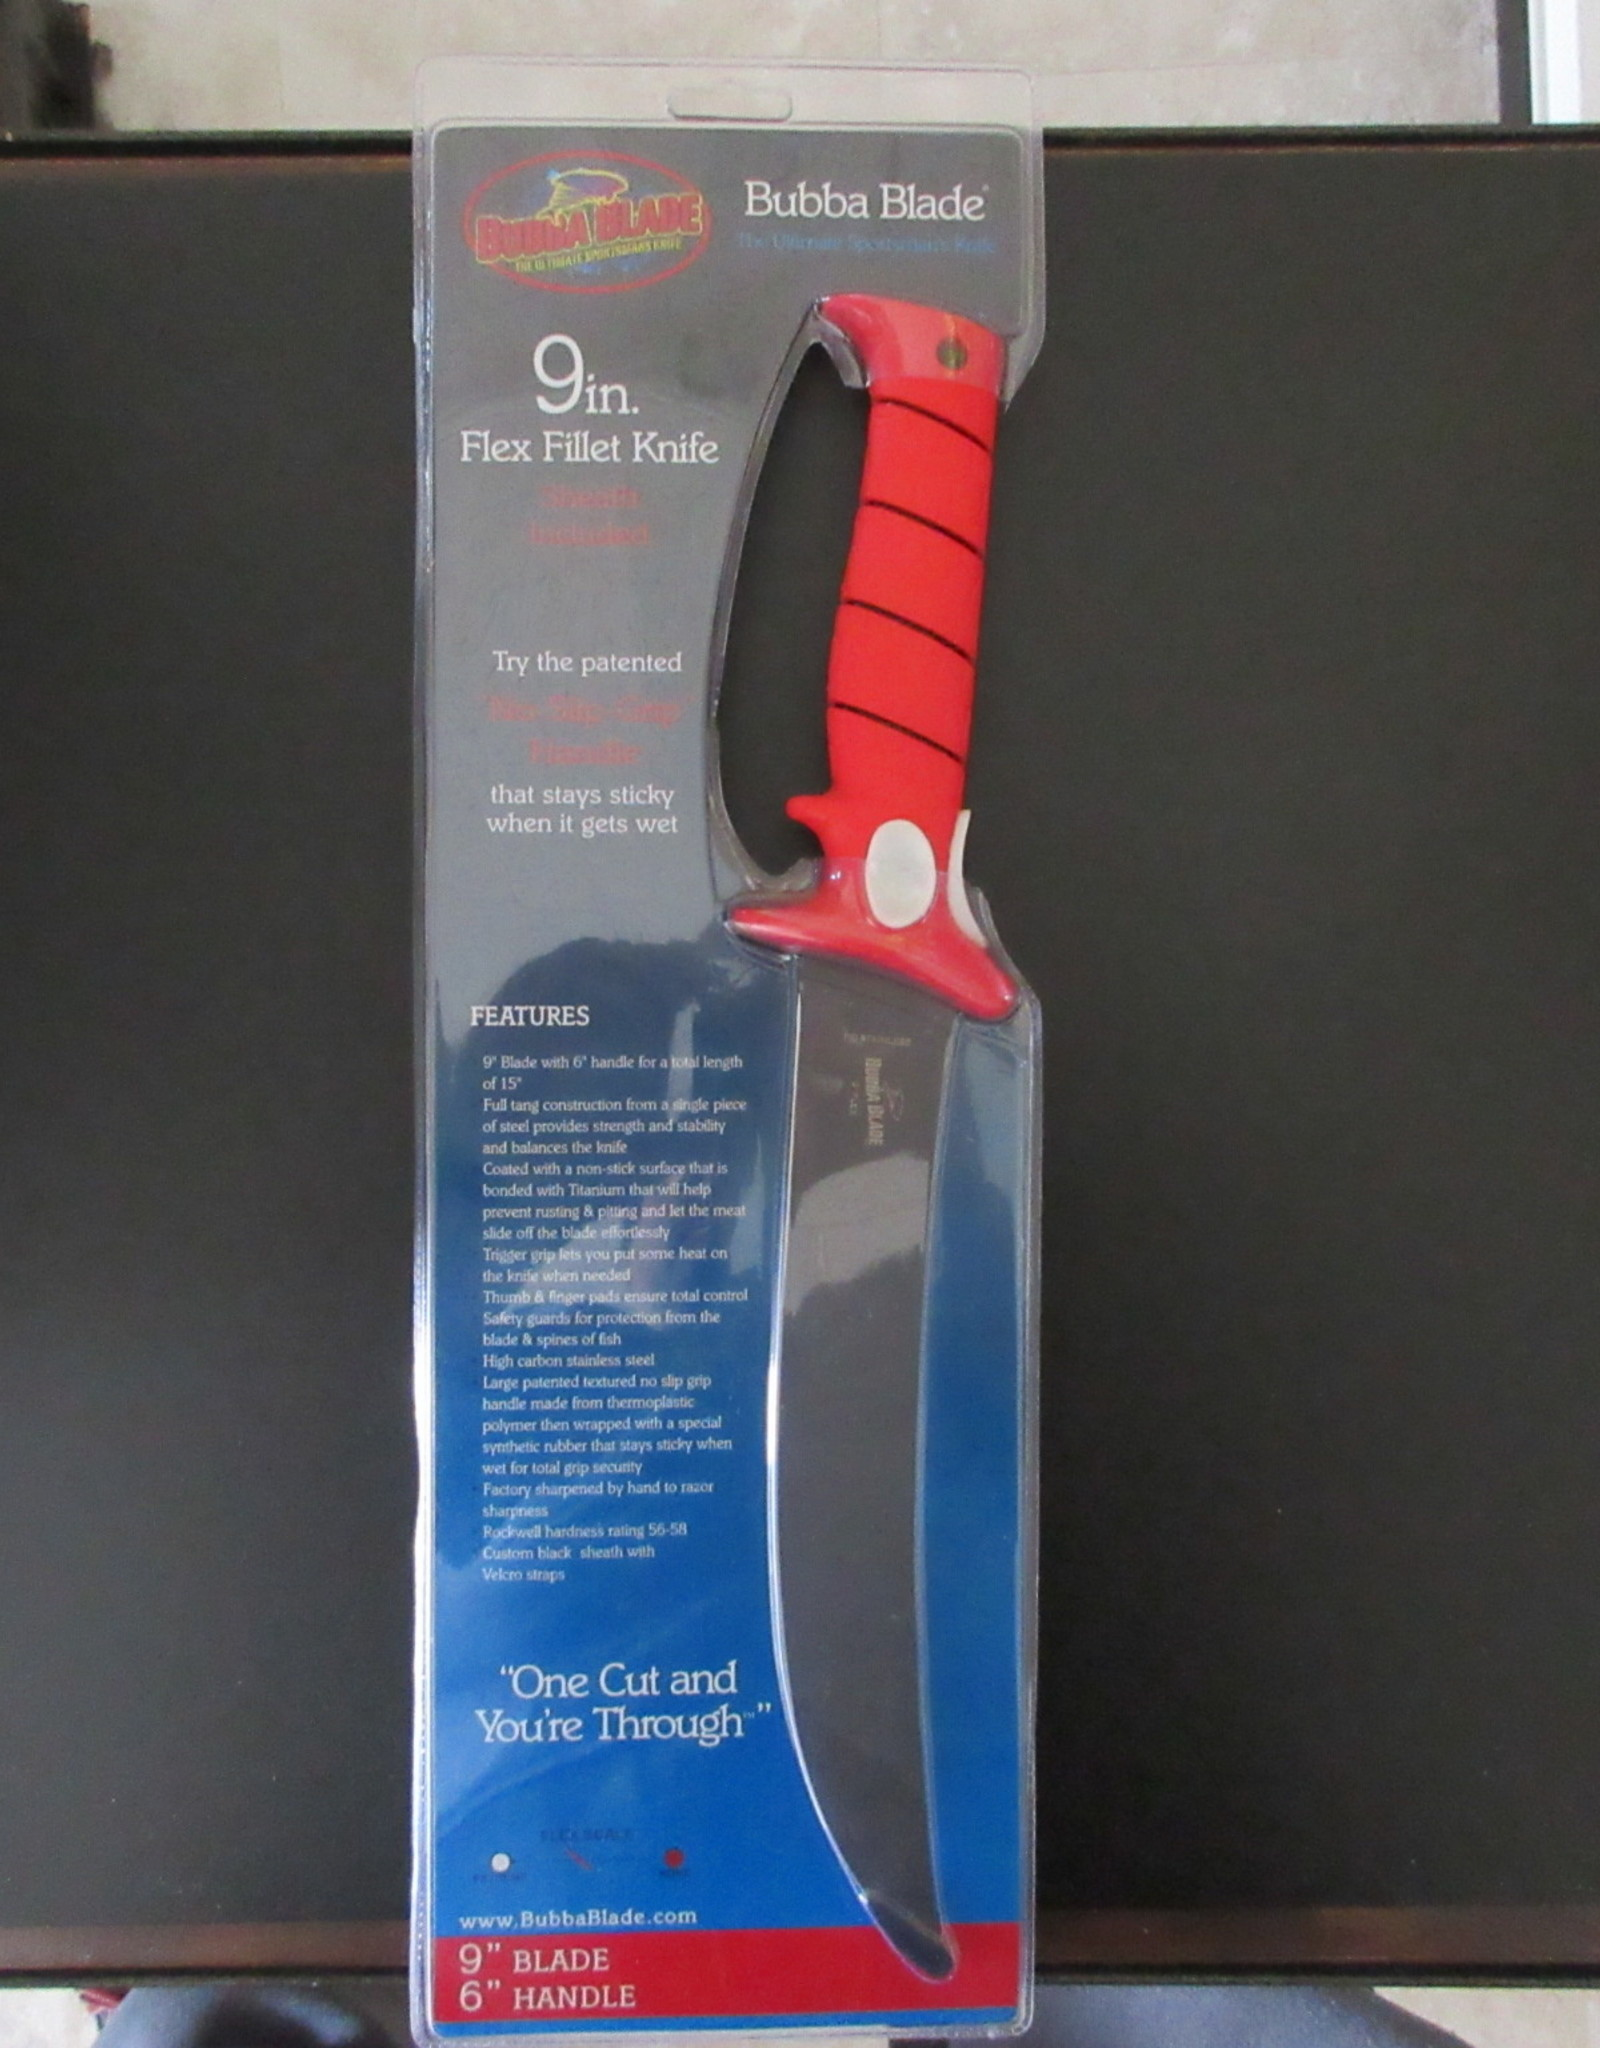 Bubba Blade Bubba Blade Fillet Knife